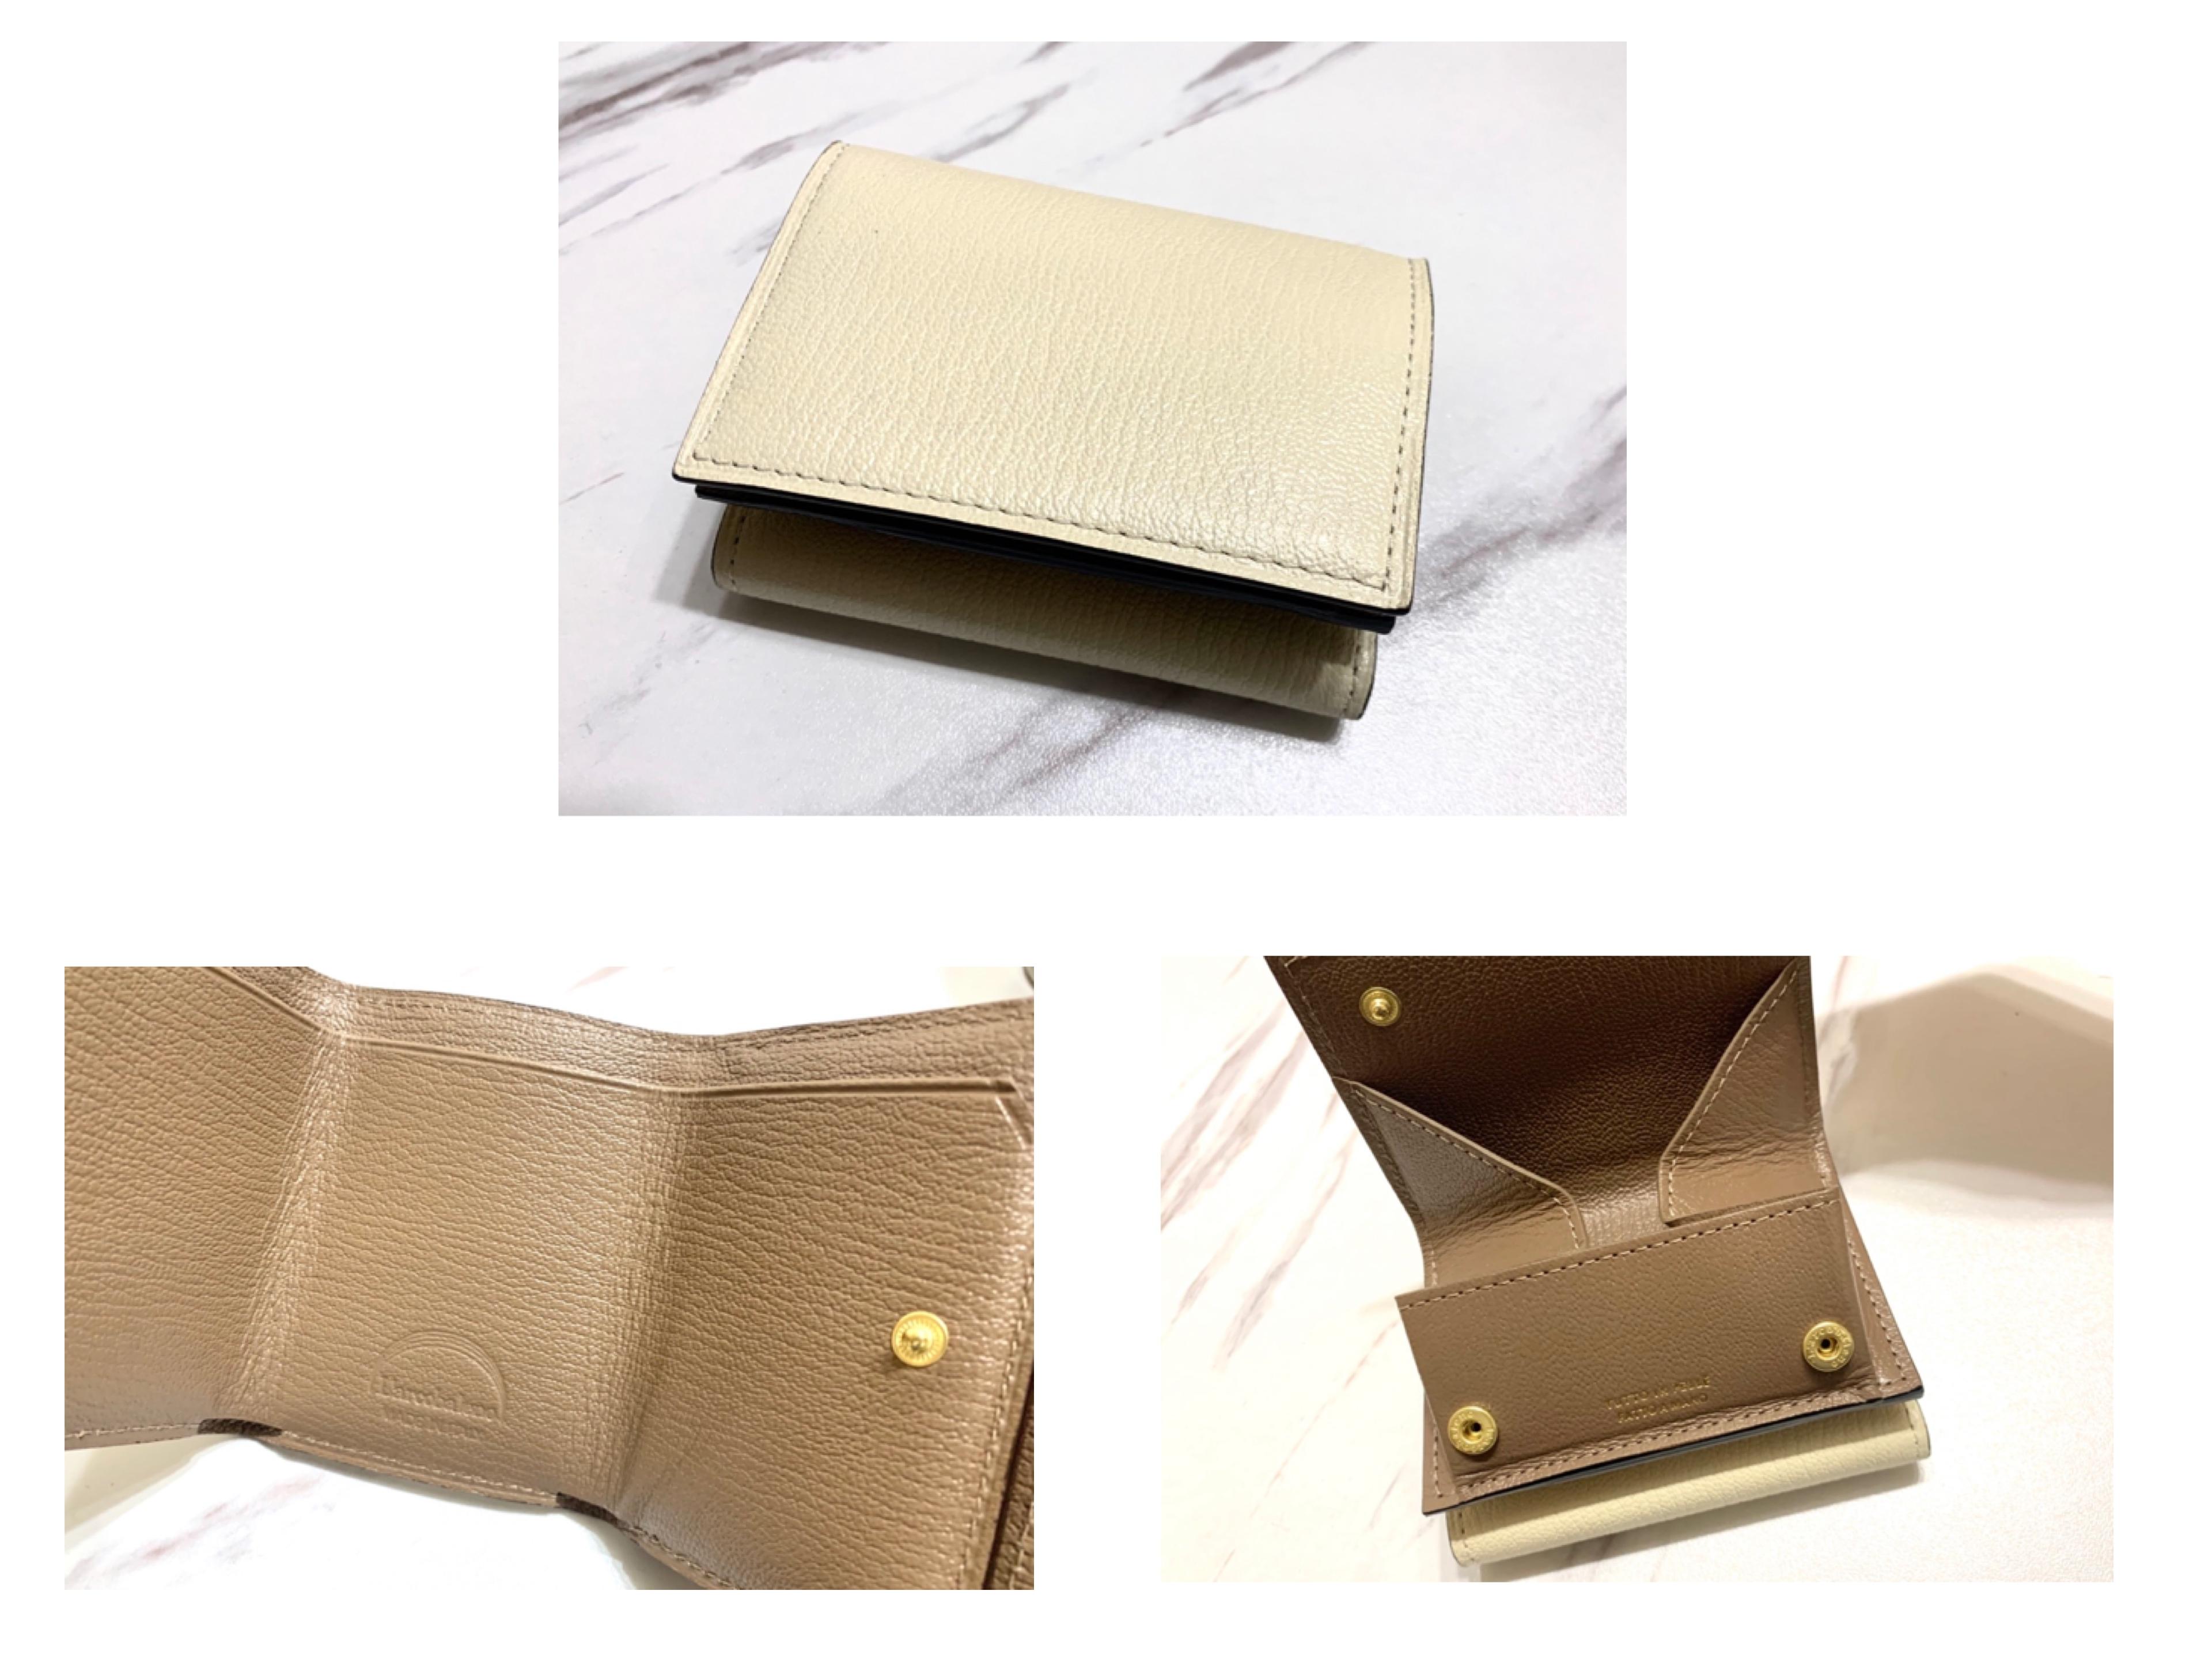 【 20代女子の愛用財布 】可愛くて使いやすすぎる!!?_1